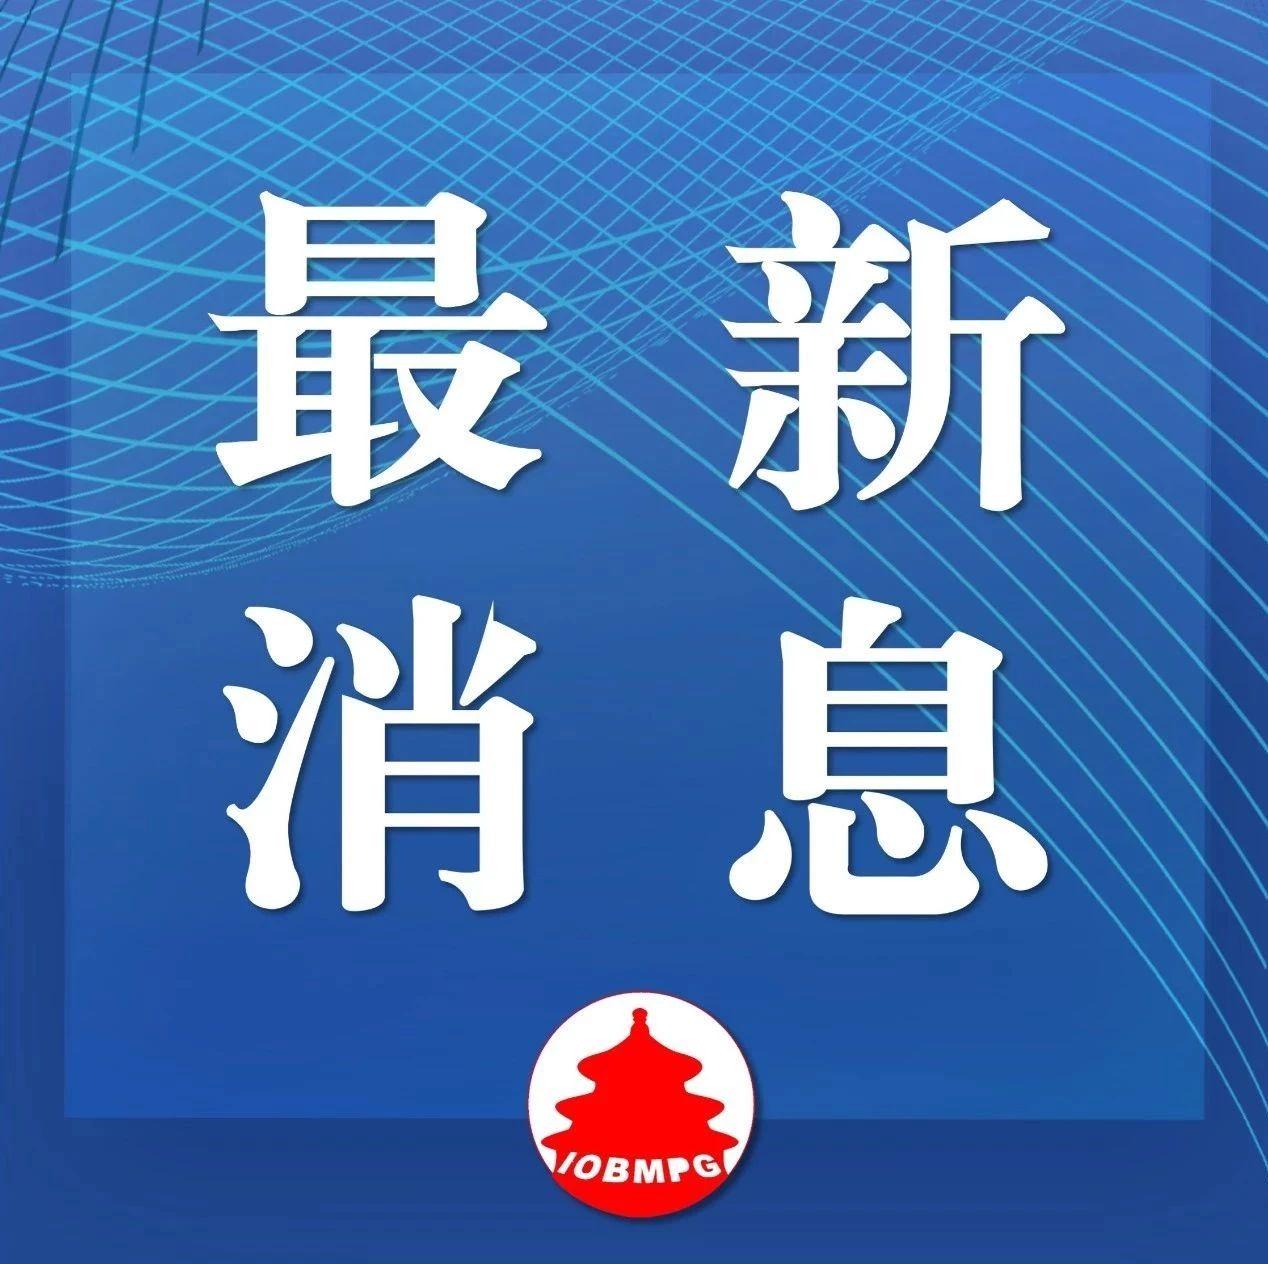 北京行动 | 昌平区出台多项措施,帮助企业共渡难关